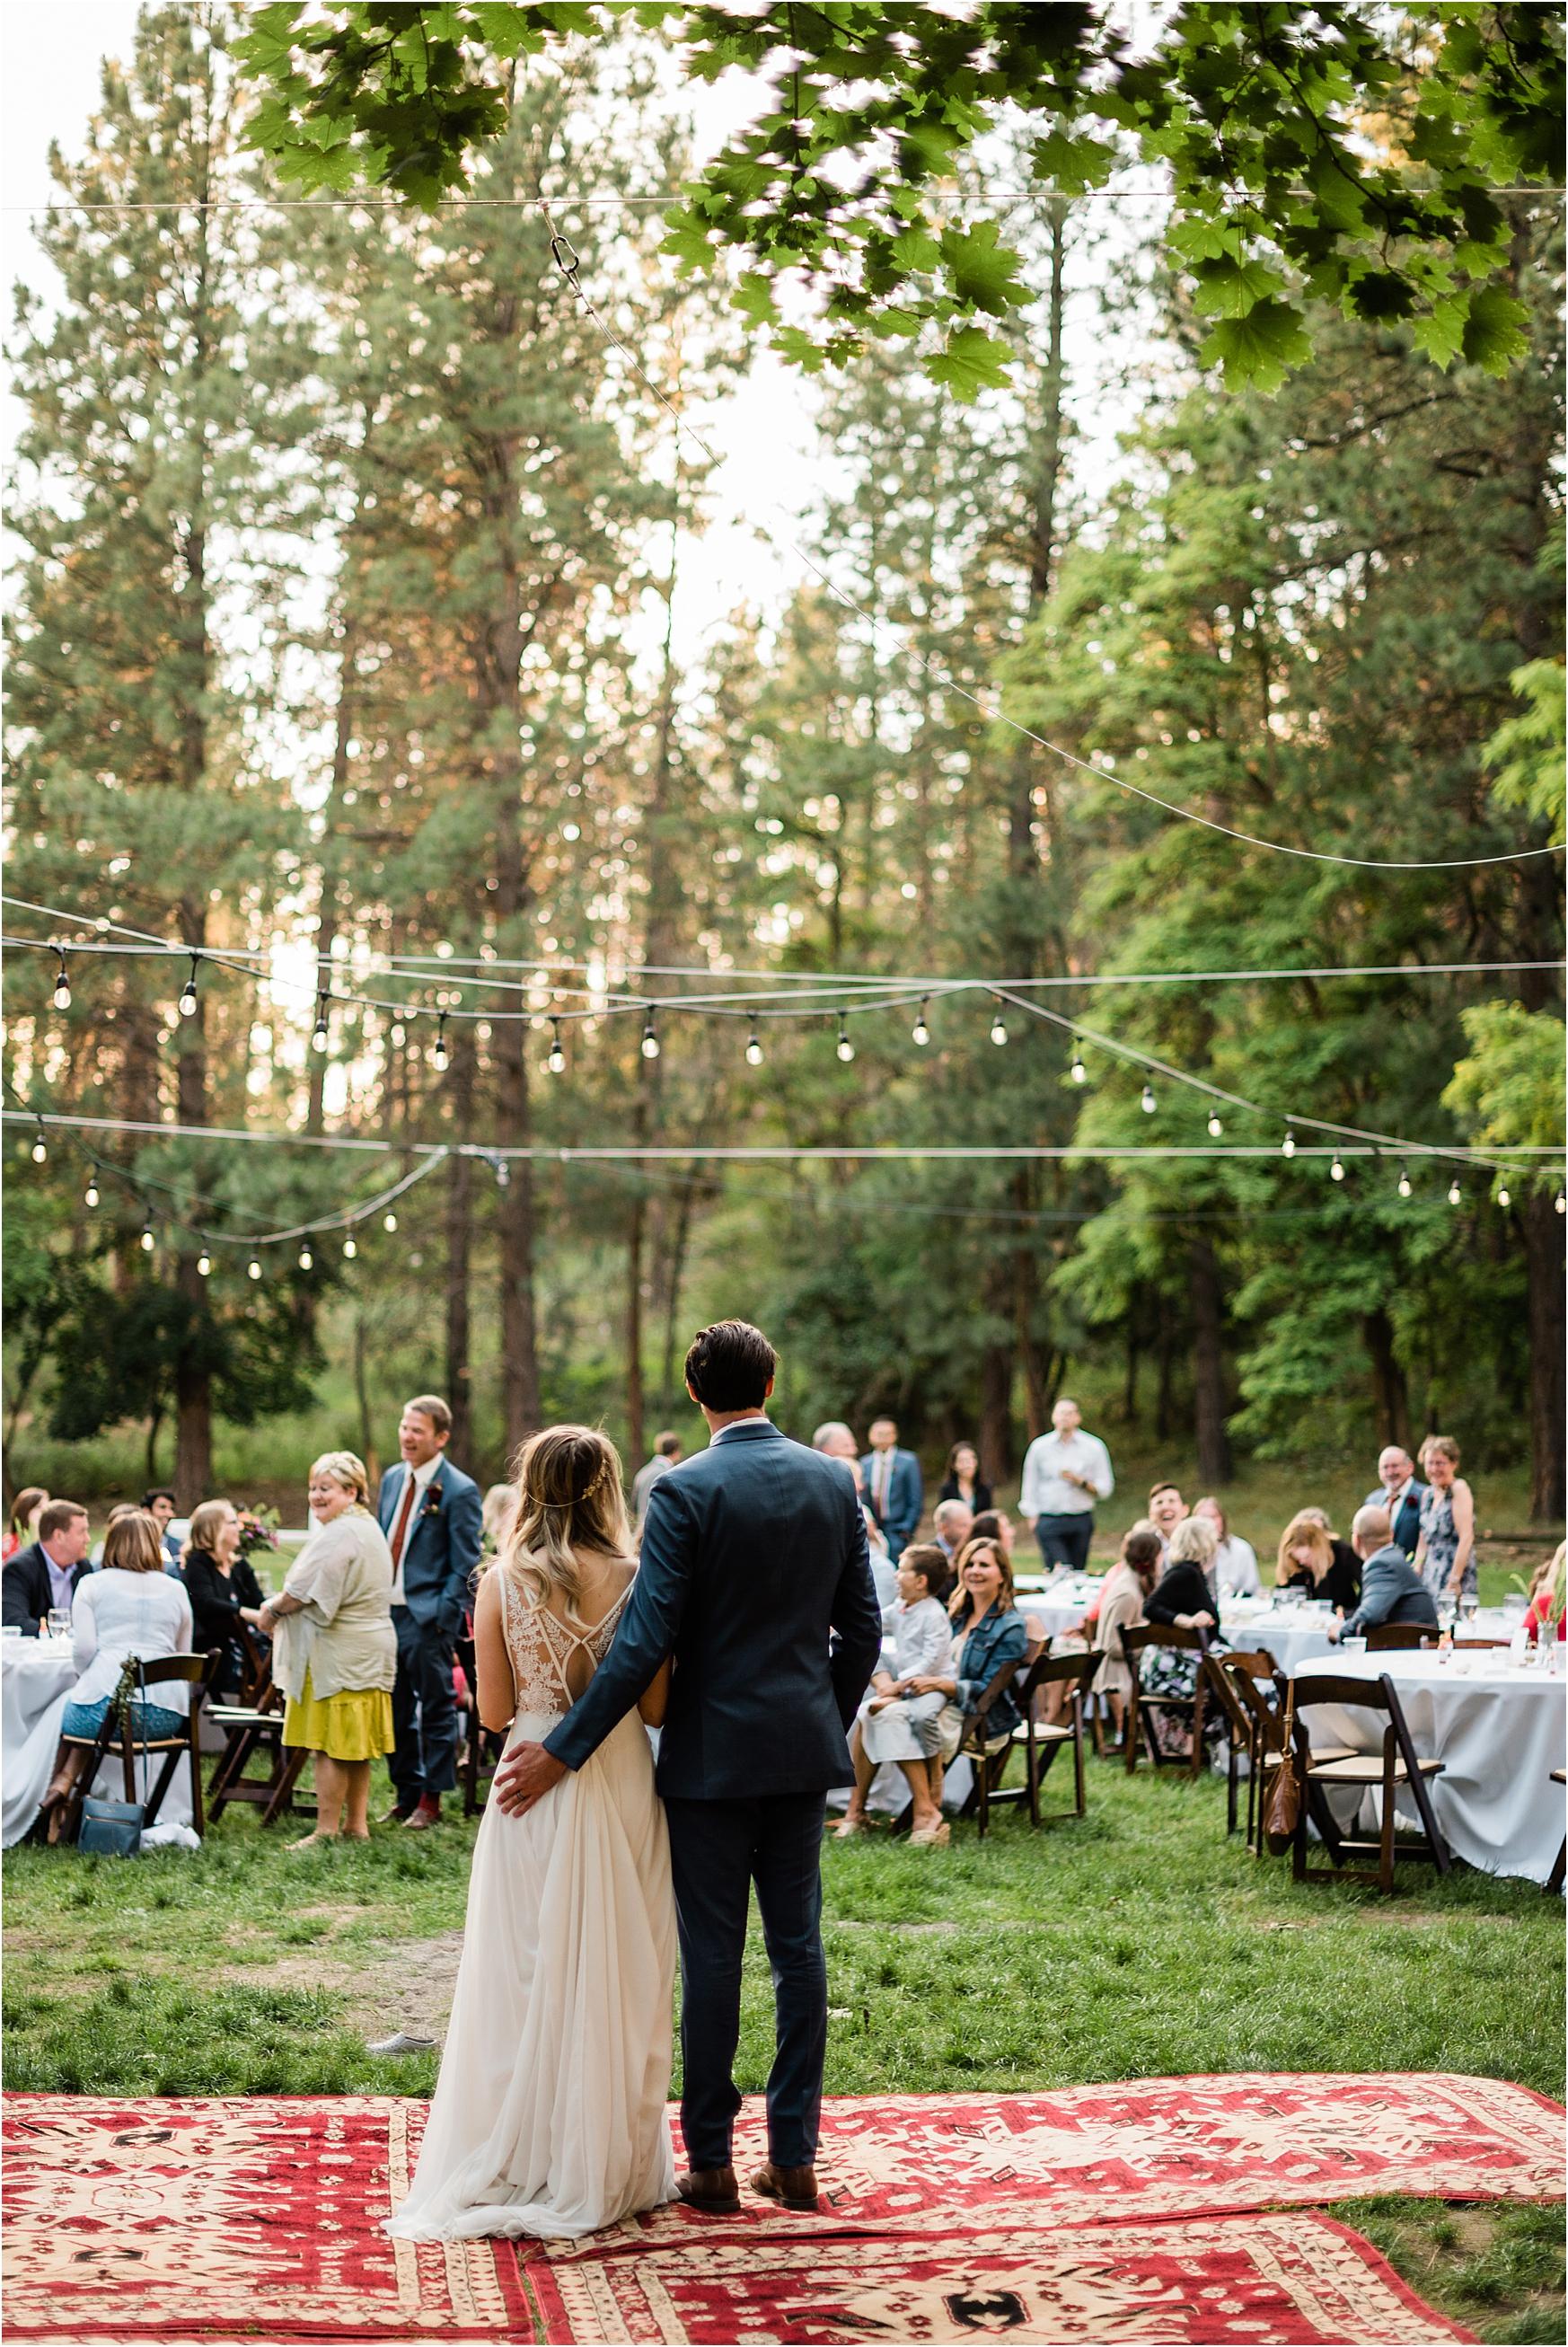 Woodsy Reception at Zephyr Lodge Wedding.